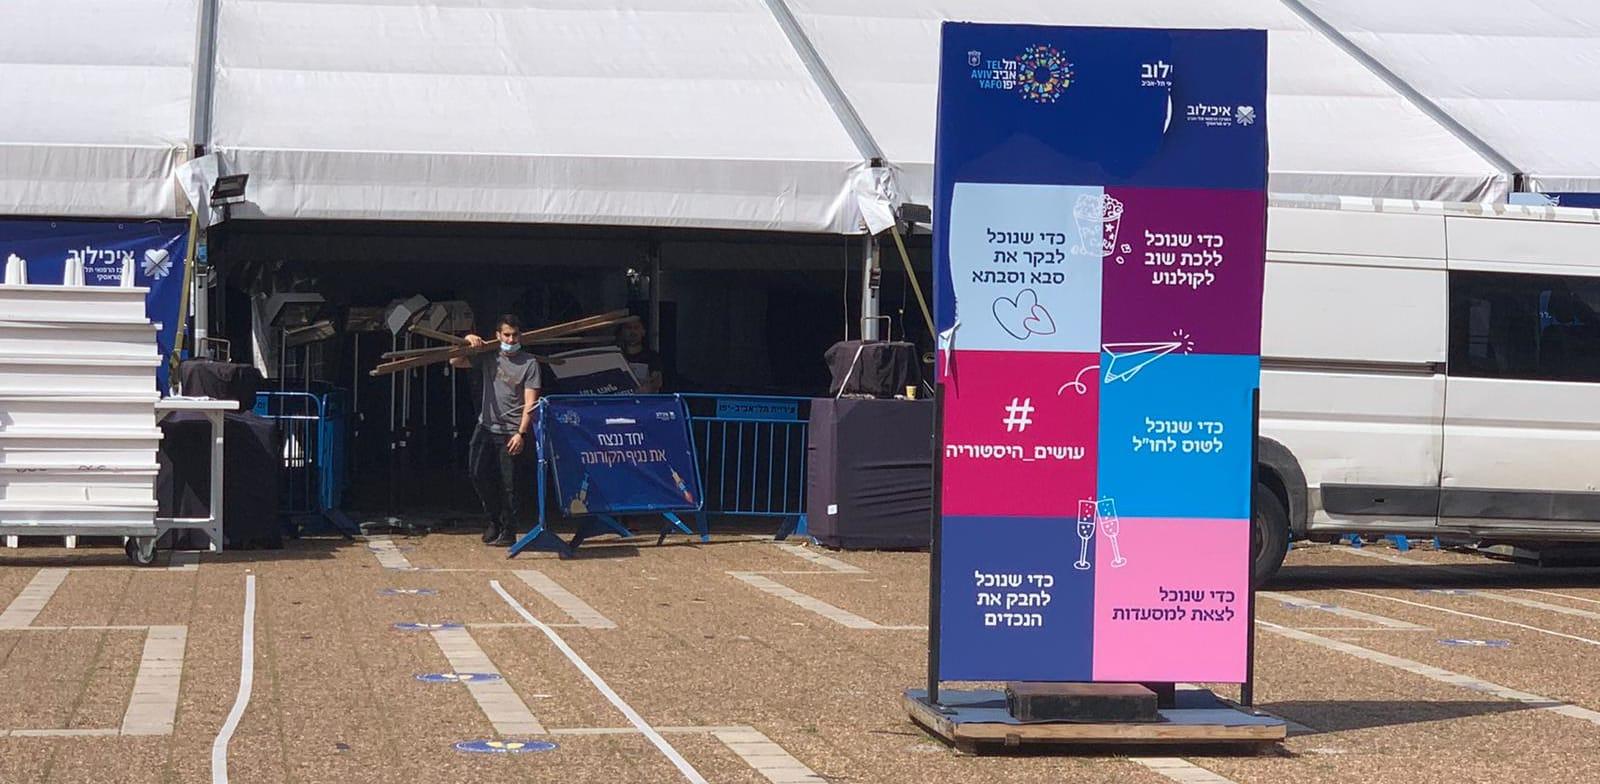 מתחם החיסונים לקורונה בכיכר רבין בתל אביב / צילום: שני אשכנזי